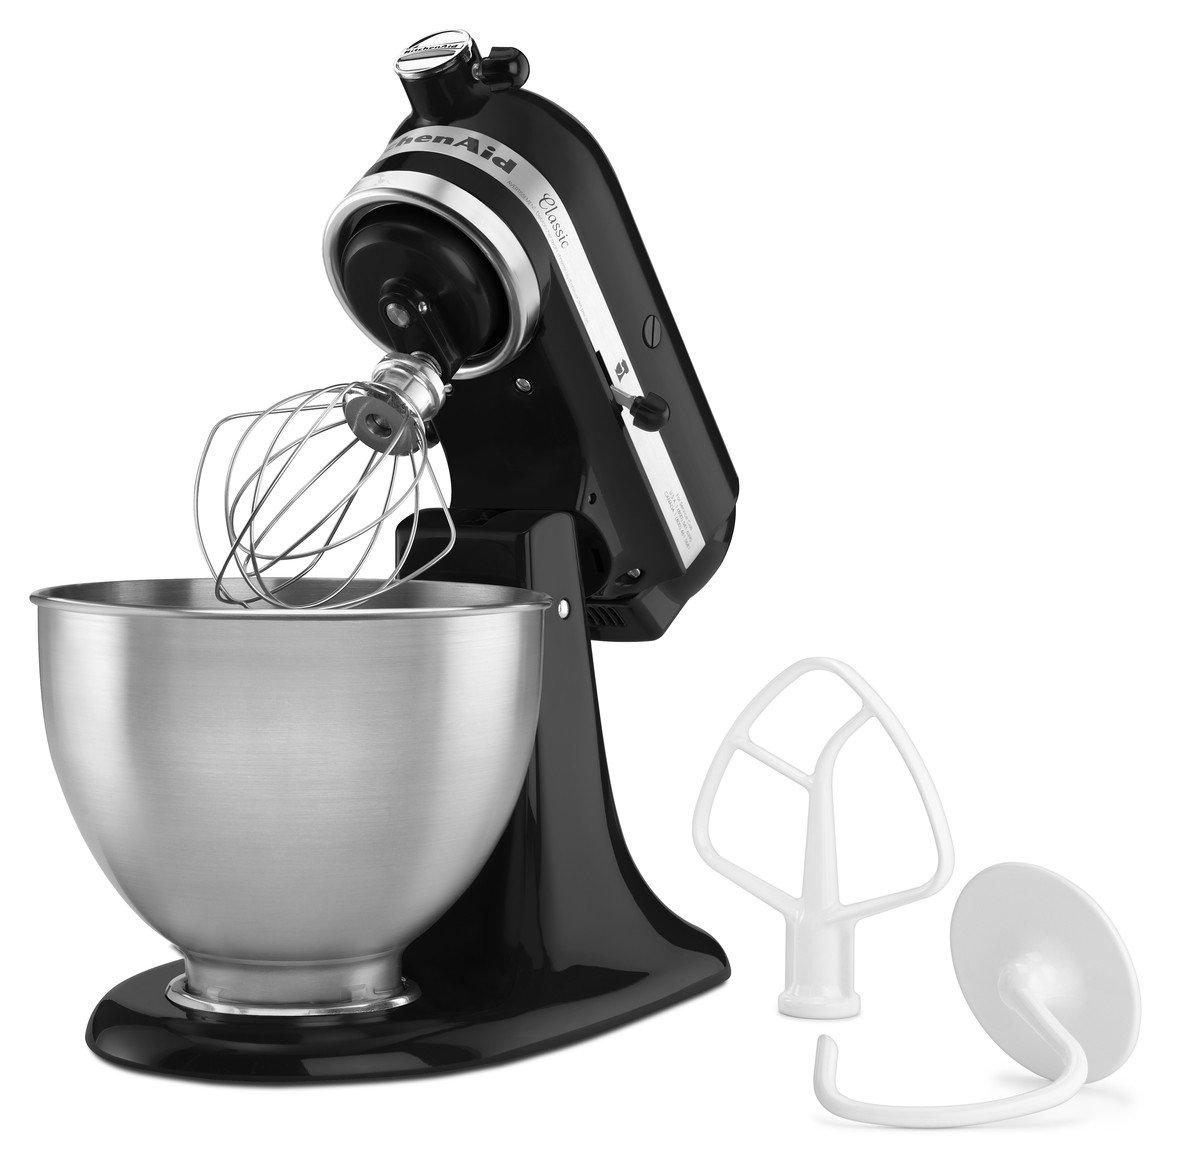 KitchenAid-Kchenmaschinen